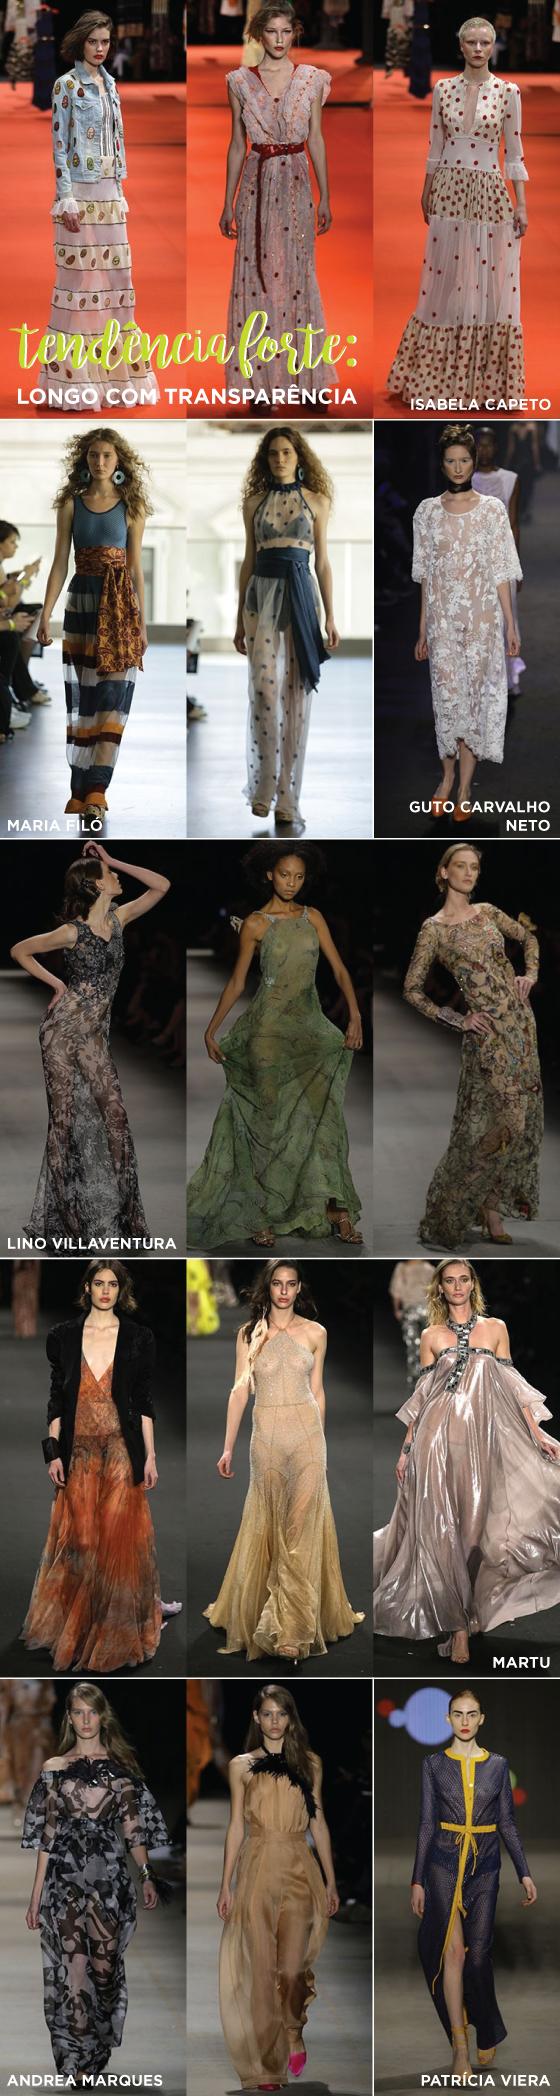 rio-moda-rio-semana-de-moda-rio-de-janeiro-tendencia-beleza-natura-desfile-fashion